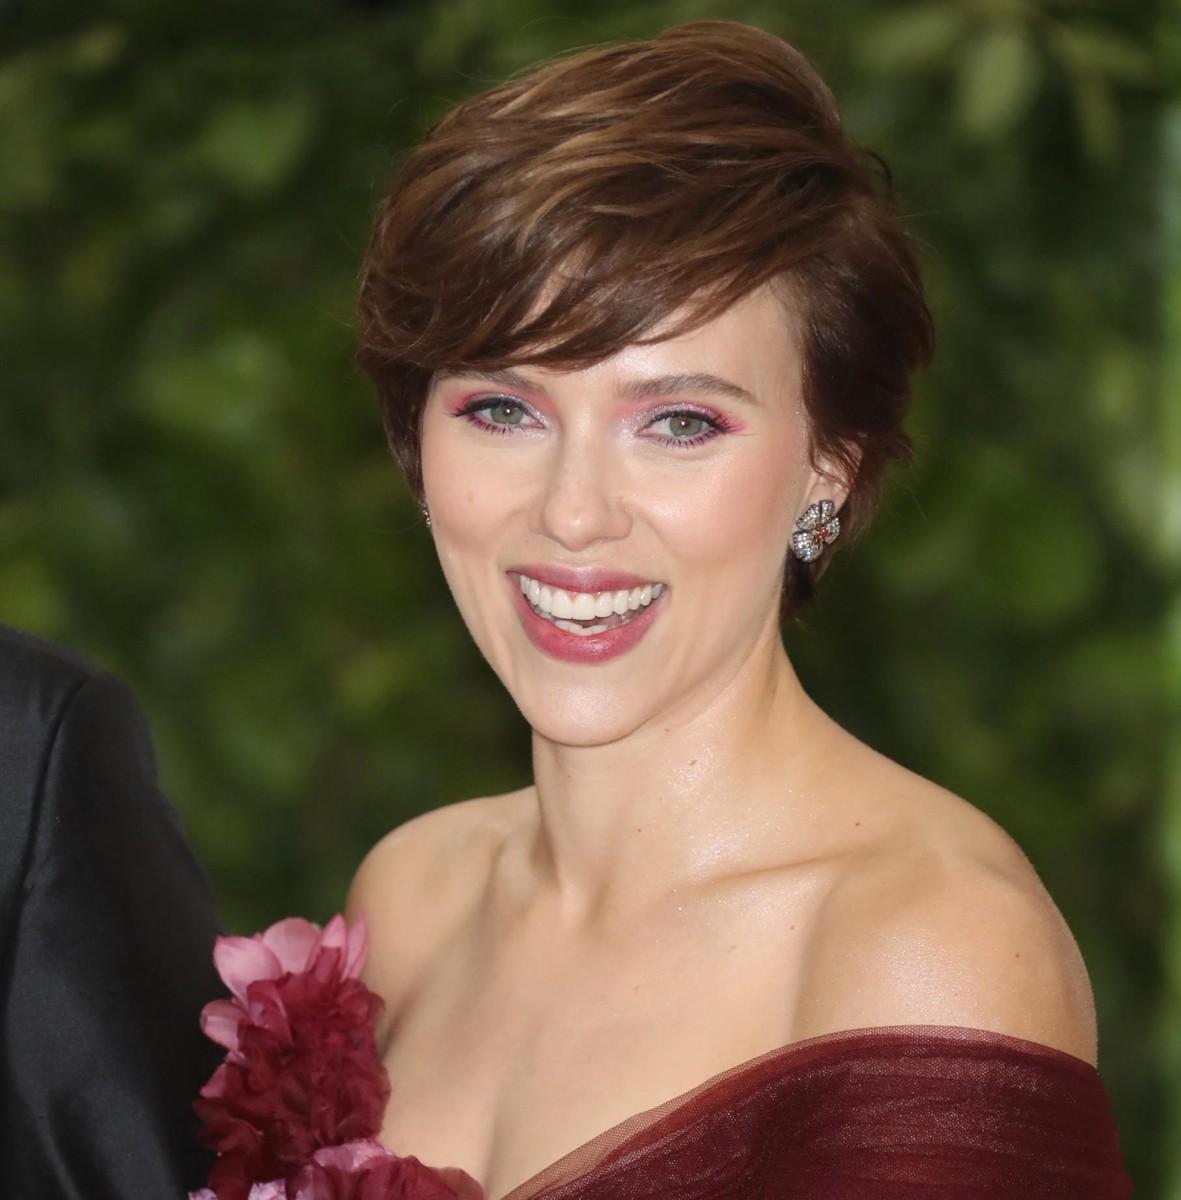 Самые высокооплачиваемые актрисы 2019 года по версии Forbes рекомендации